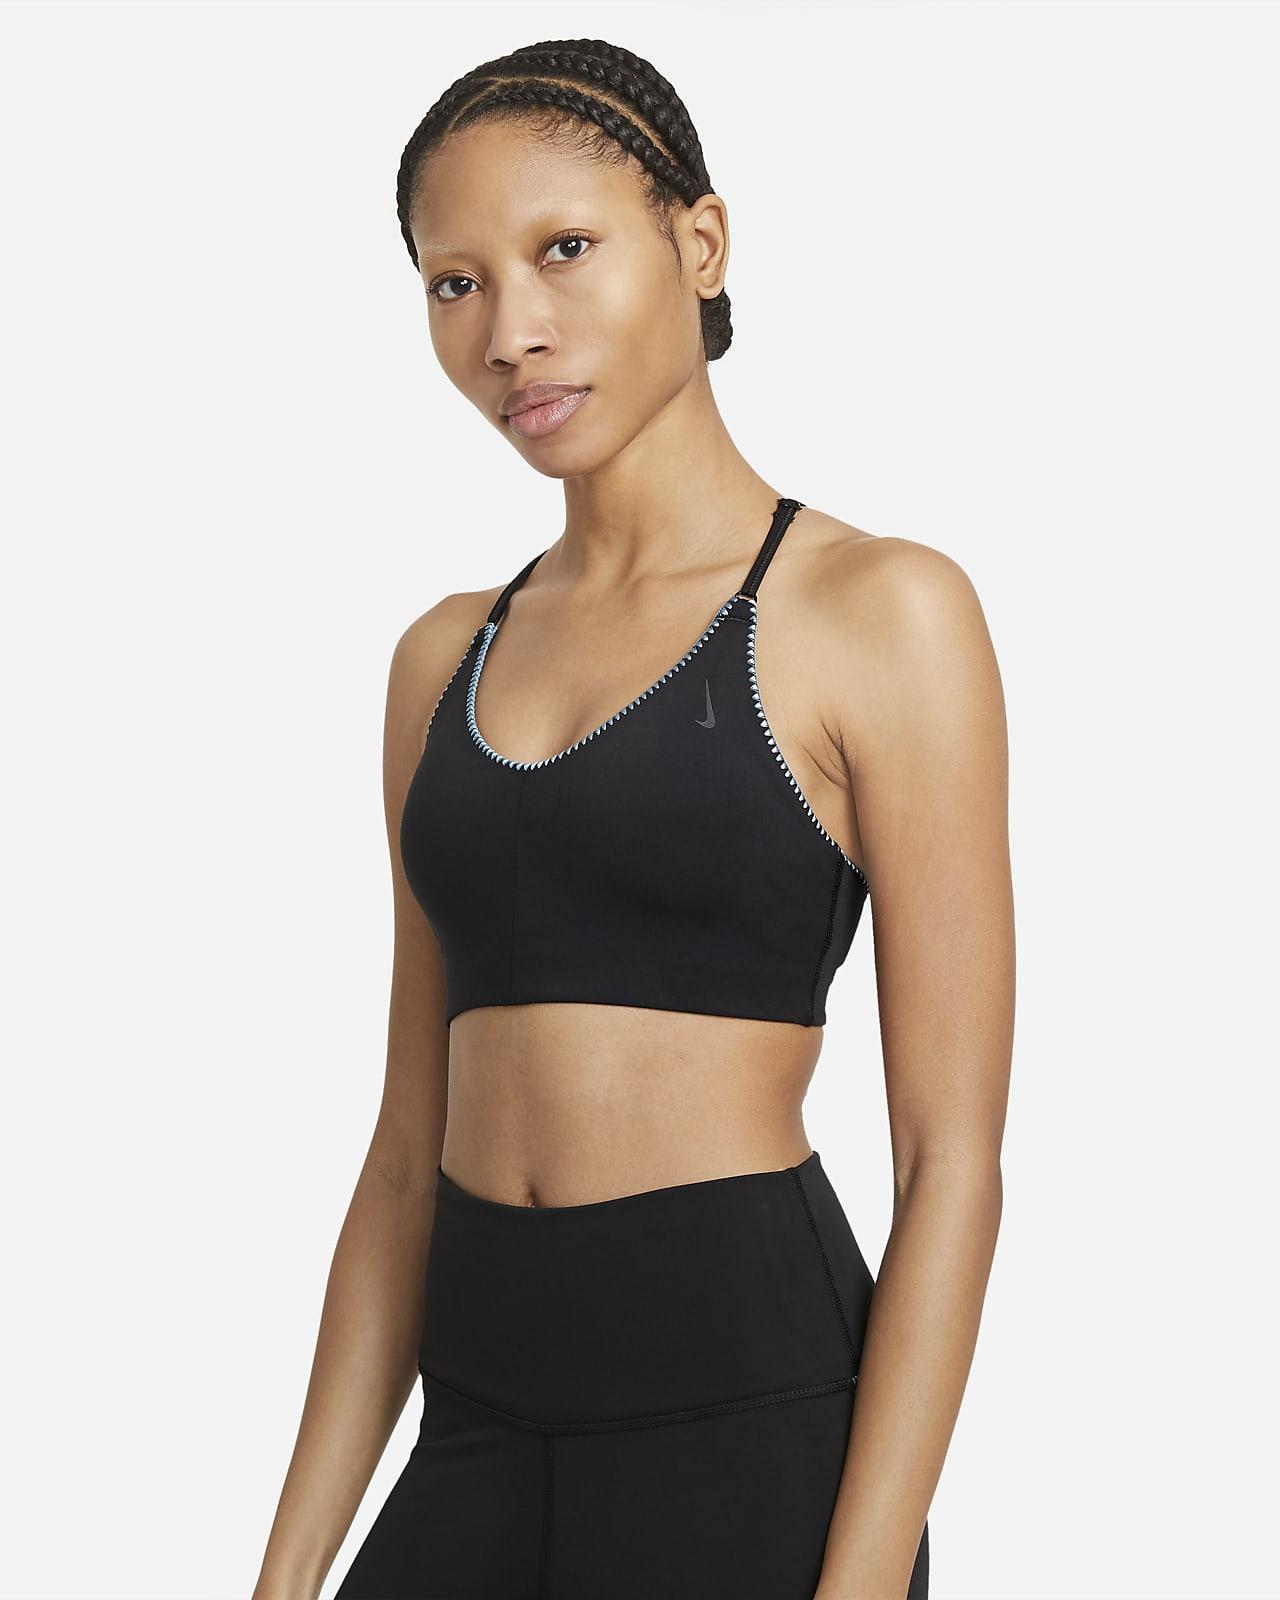 Vadderad sport-BH Nike Yoga Dri-FIT Indy med lätt stöd och broderade kanter